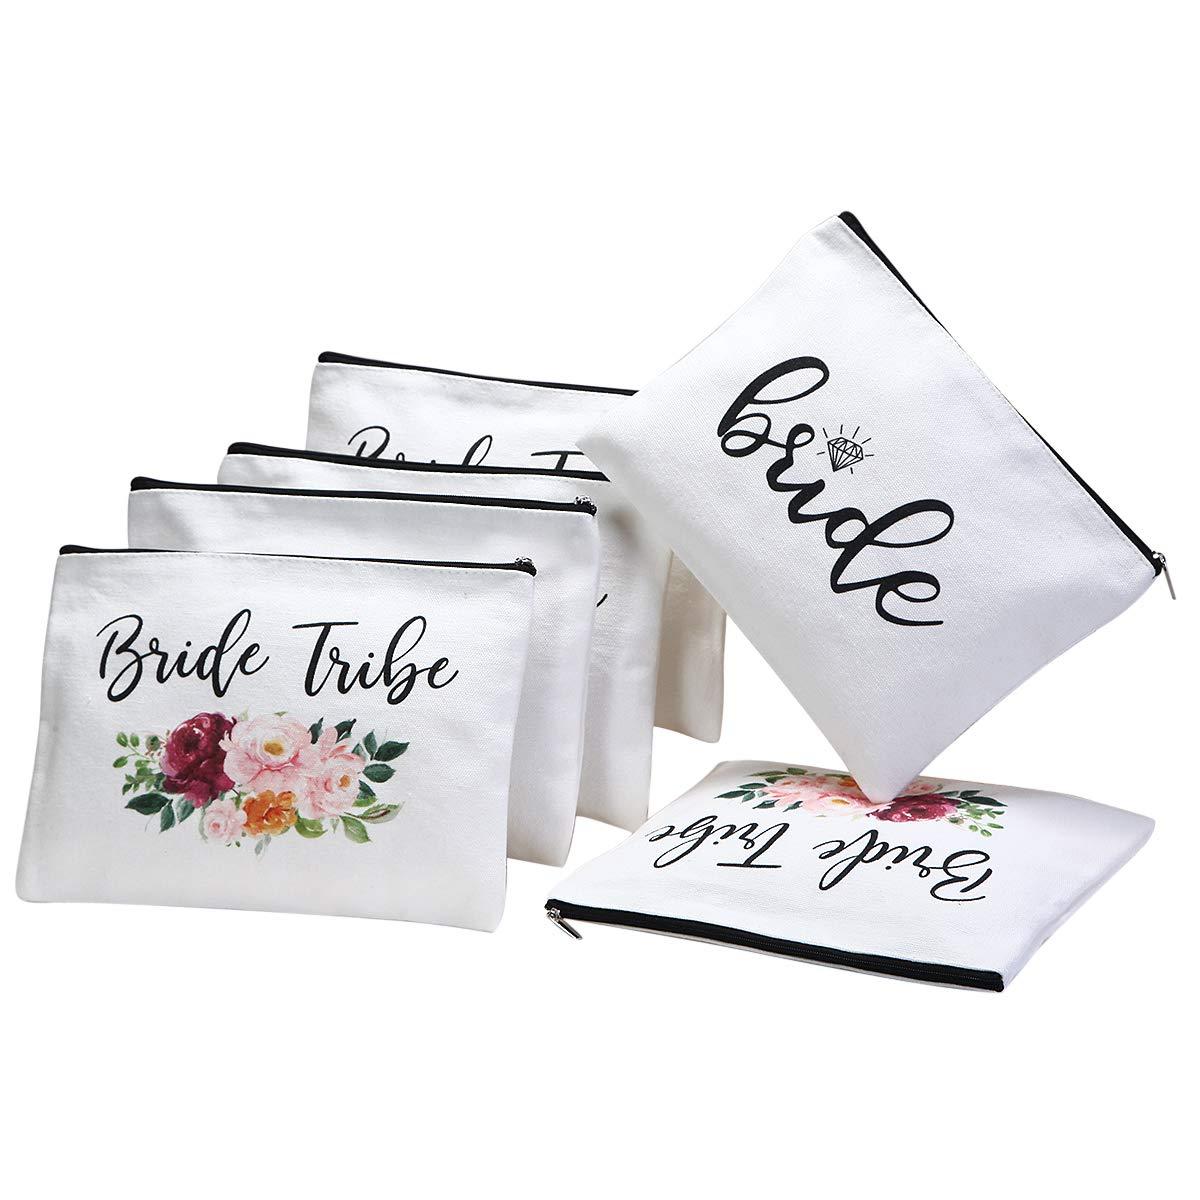 always-a-bridesmaid-bridal-party-make-up-kit